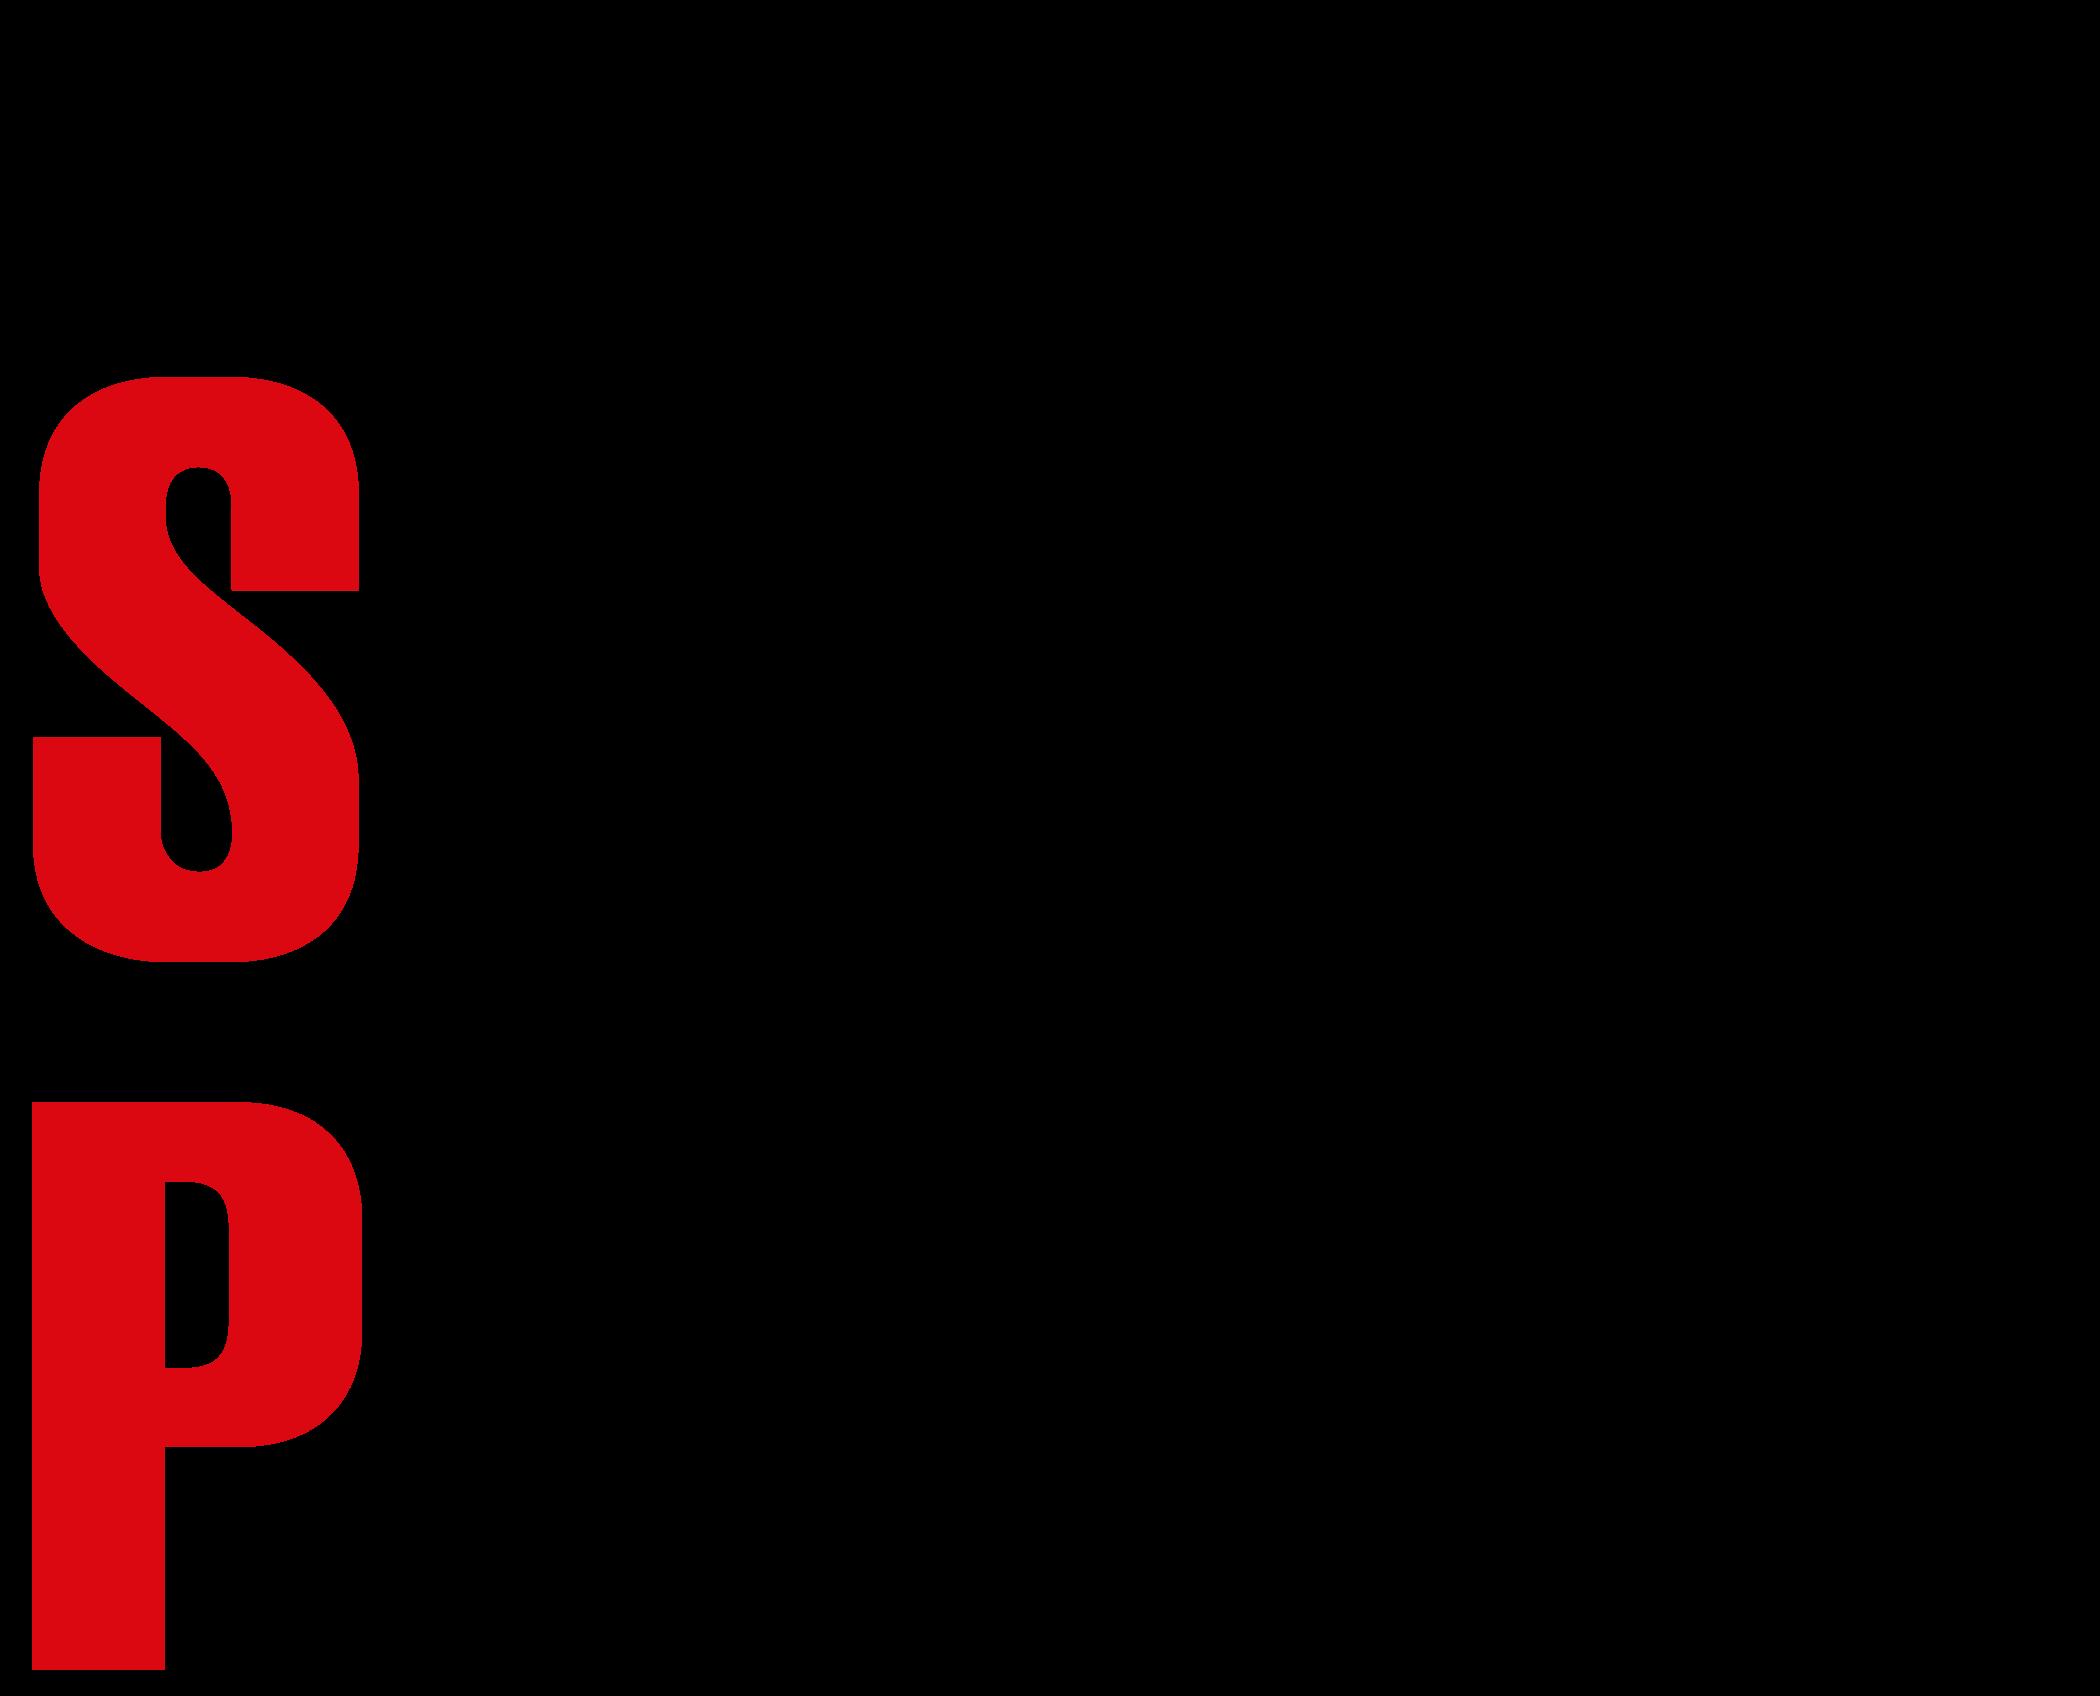 sem parar 1 - Sem Parar Logo